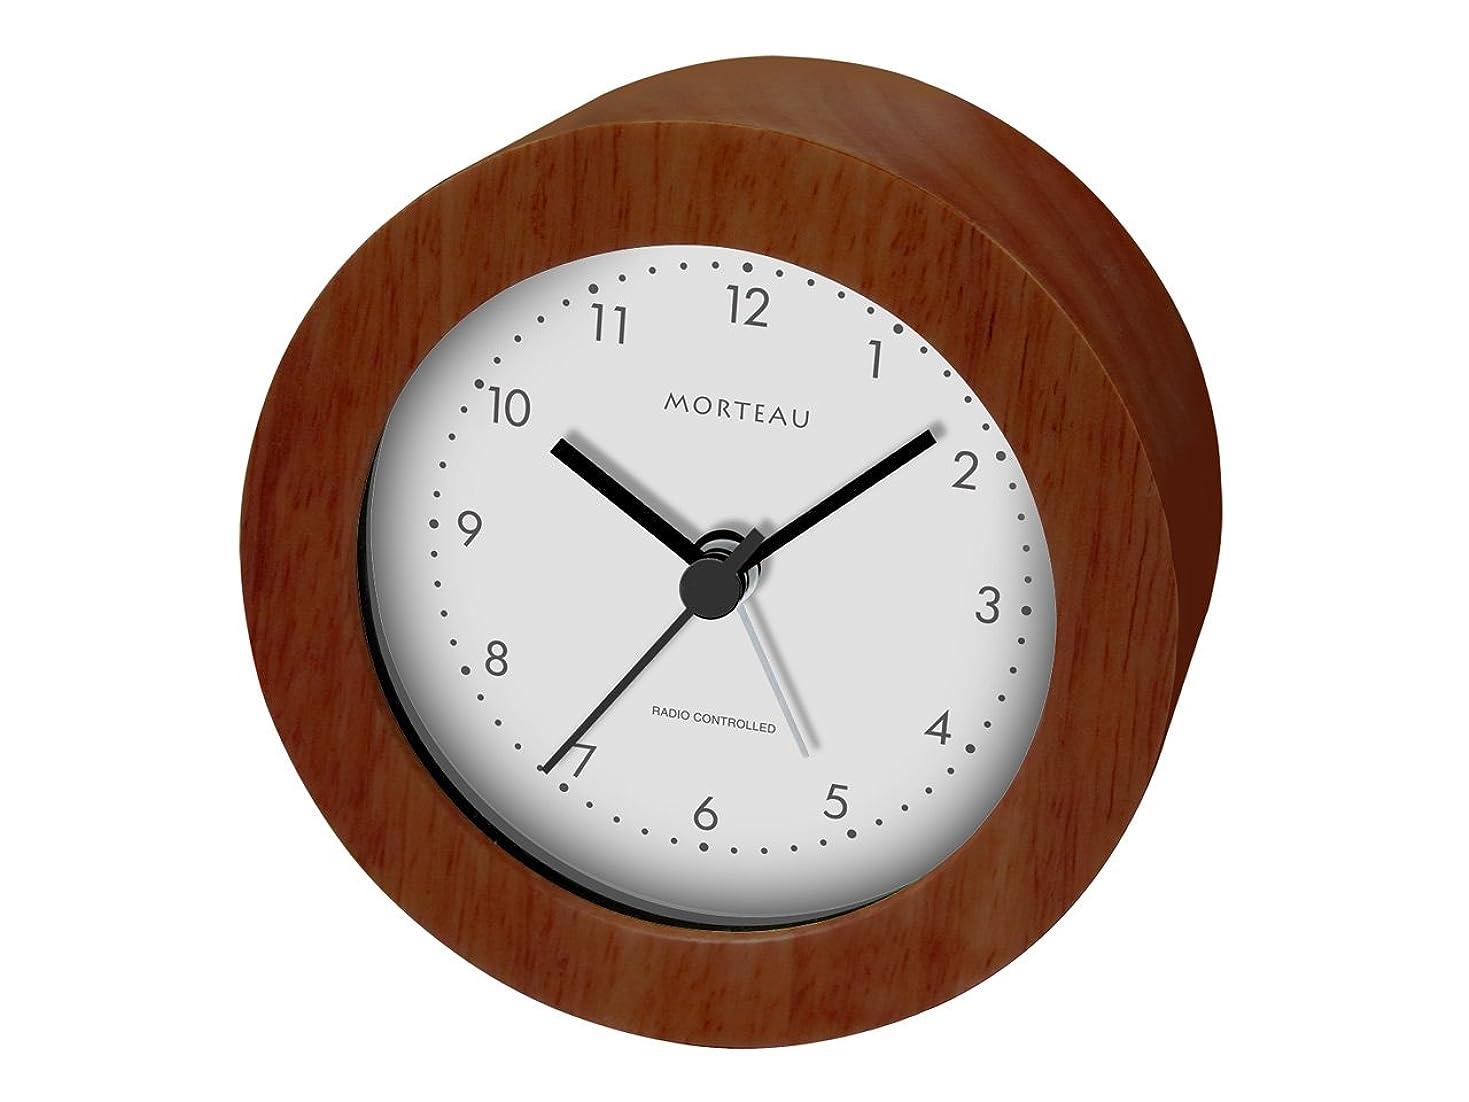 集中時代聖職者誠時(セイジ) 目覚まし電波時計 Morteau Brown モルトー ブラウン RW-018BR